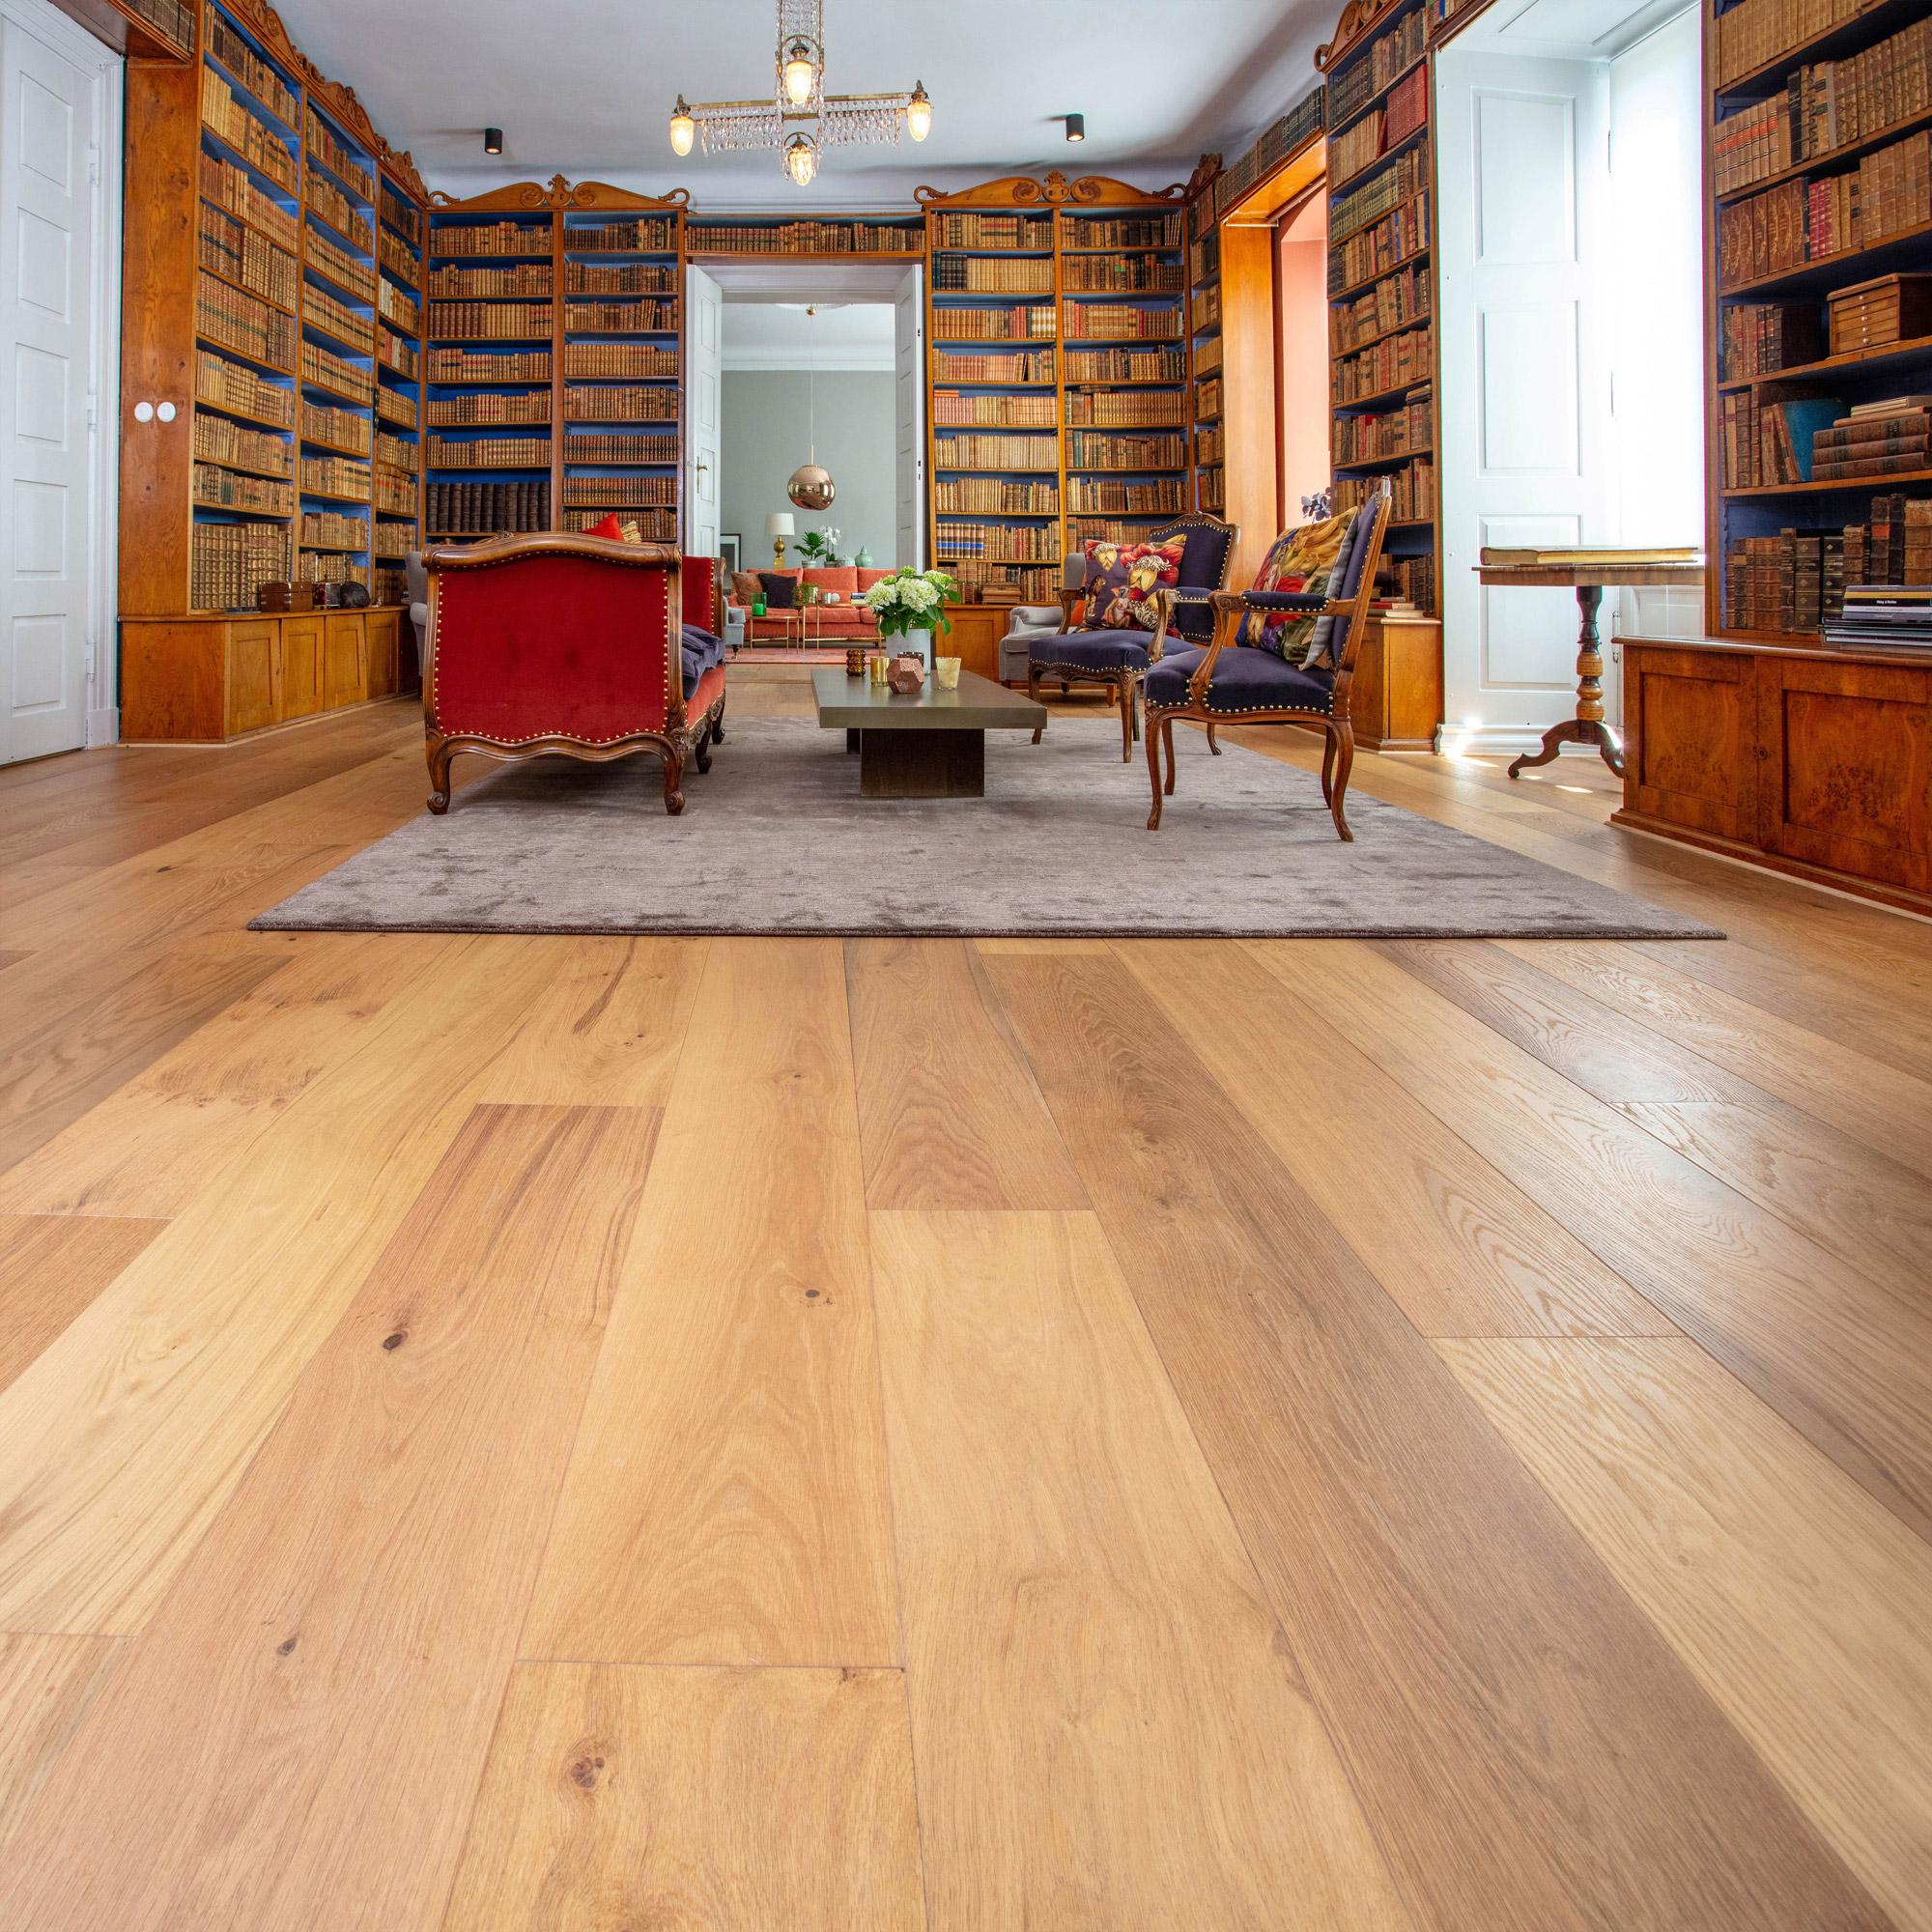 Trägolv Nordic Floor Ek Grand Country Mattlackad 1-stav